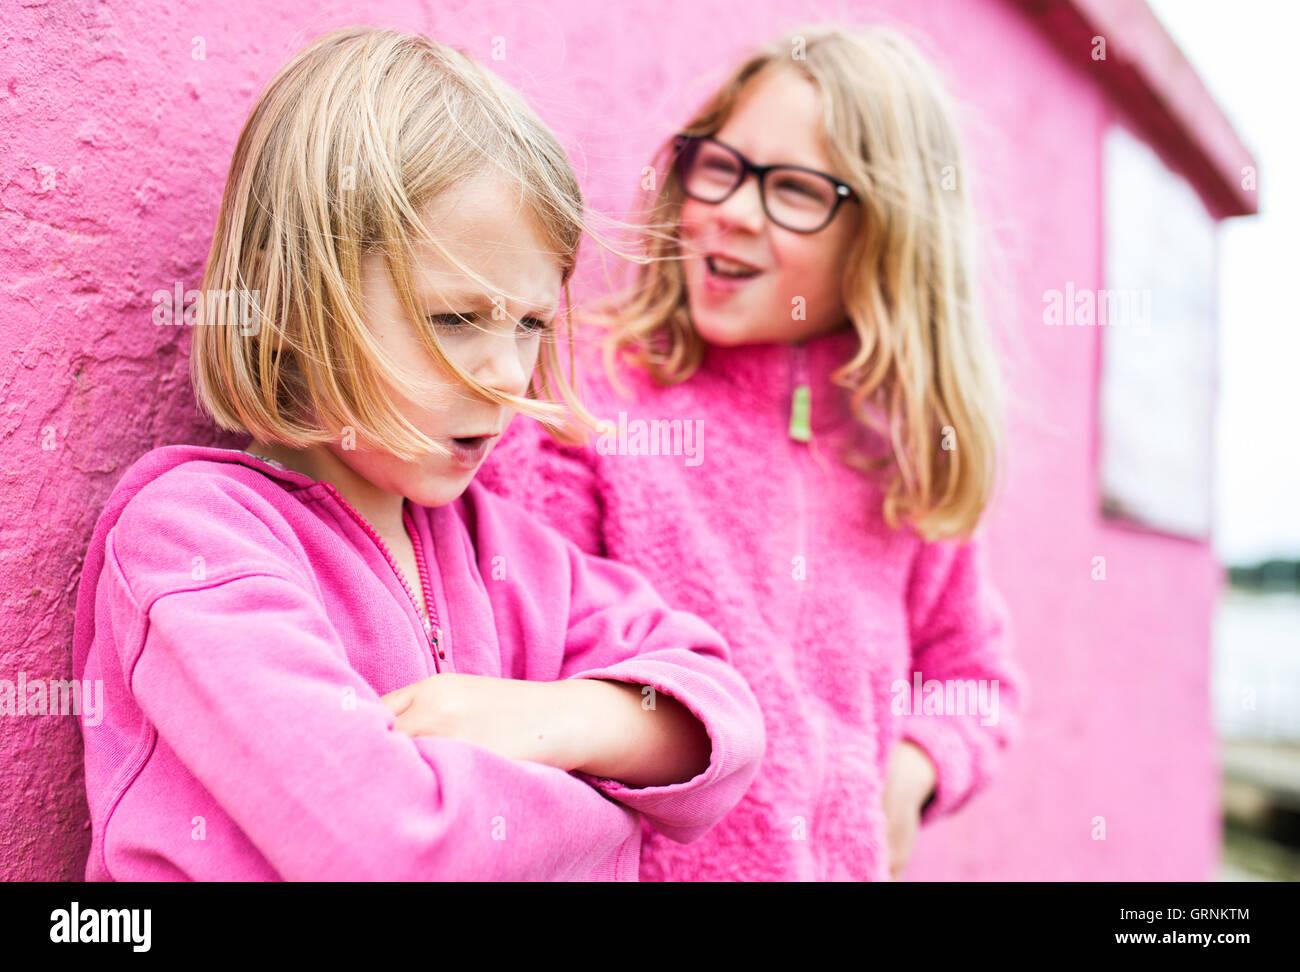 zwei Mädchen, die eine TIFF-Datei Stockbild